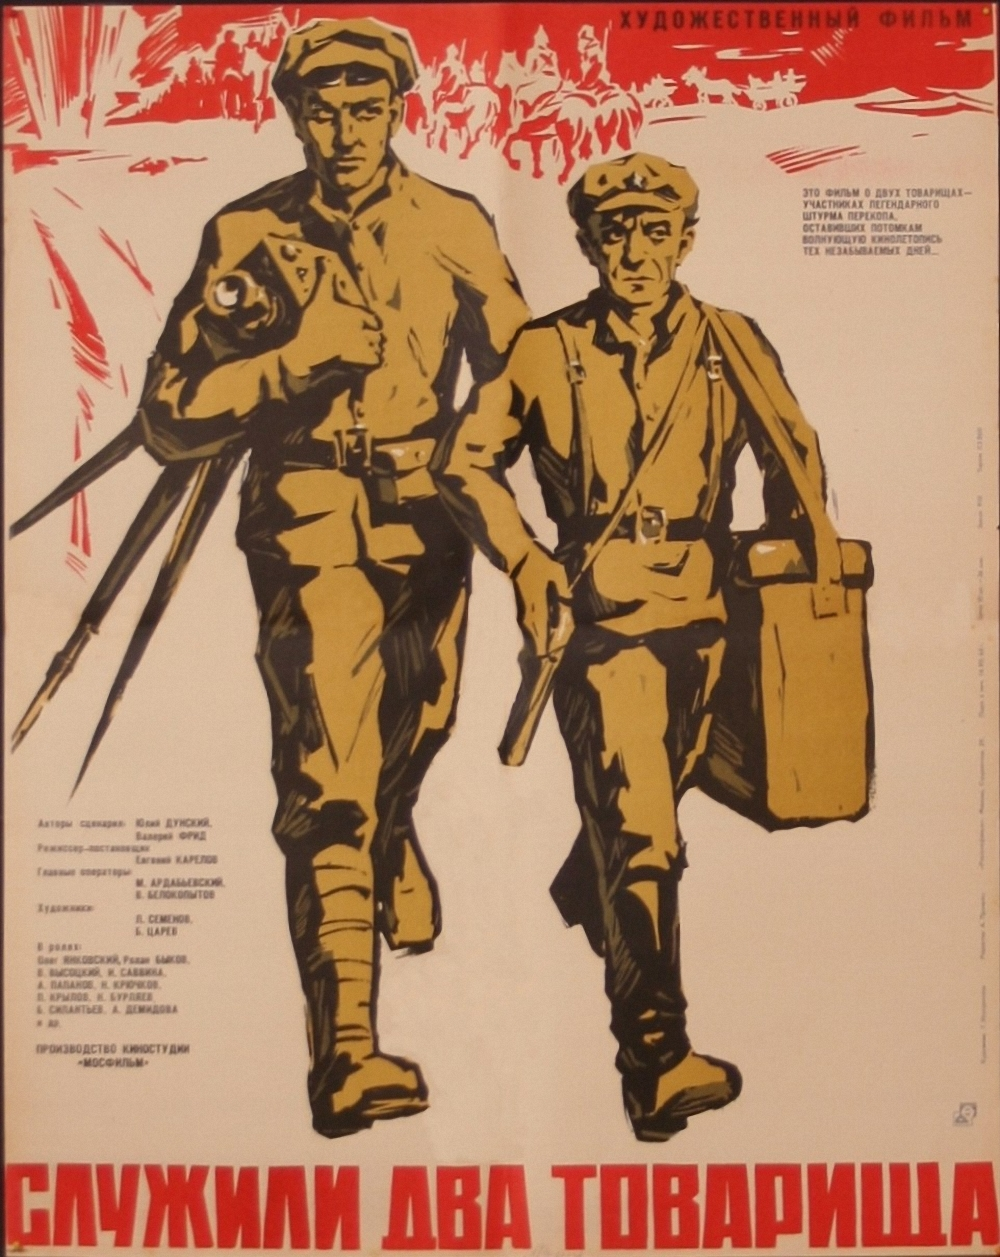 Постер фильма «Служили два товарища», 1968.<br>